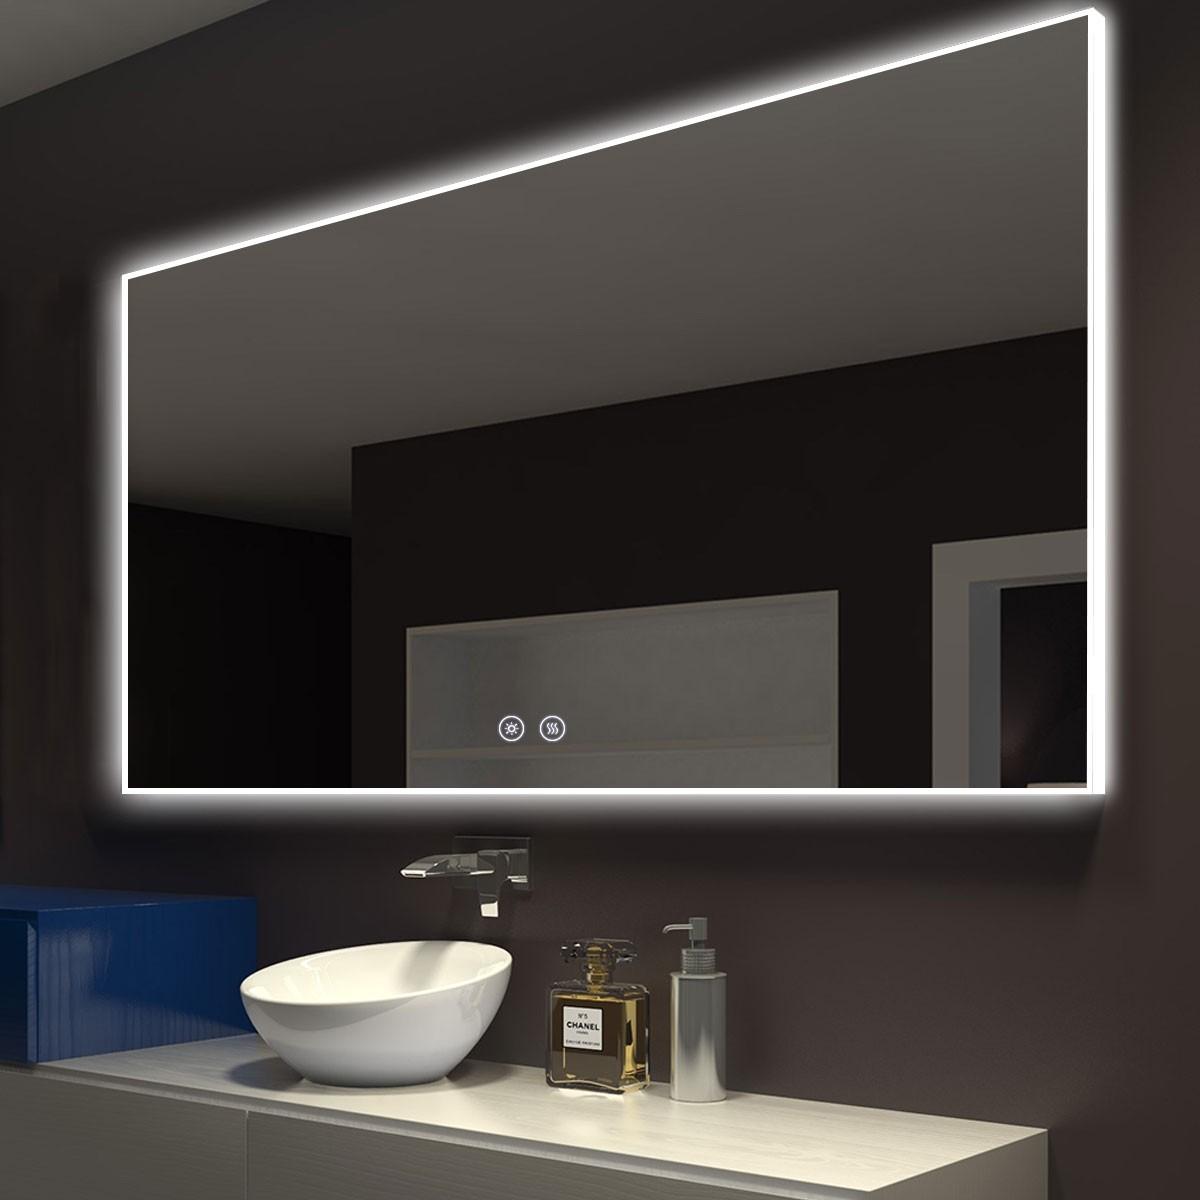 DECORAPORT 55 x 36 Po Miroir de Salle de Bain LED avec Bouton Tactile, Anti-Buée, Luminosité Réglable, Bluetooth, Montage Vertical & Horizontal (D422-5536A)